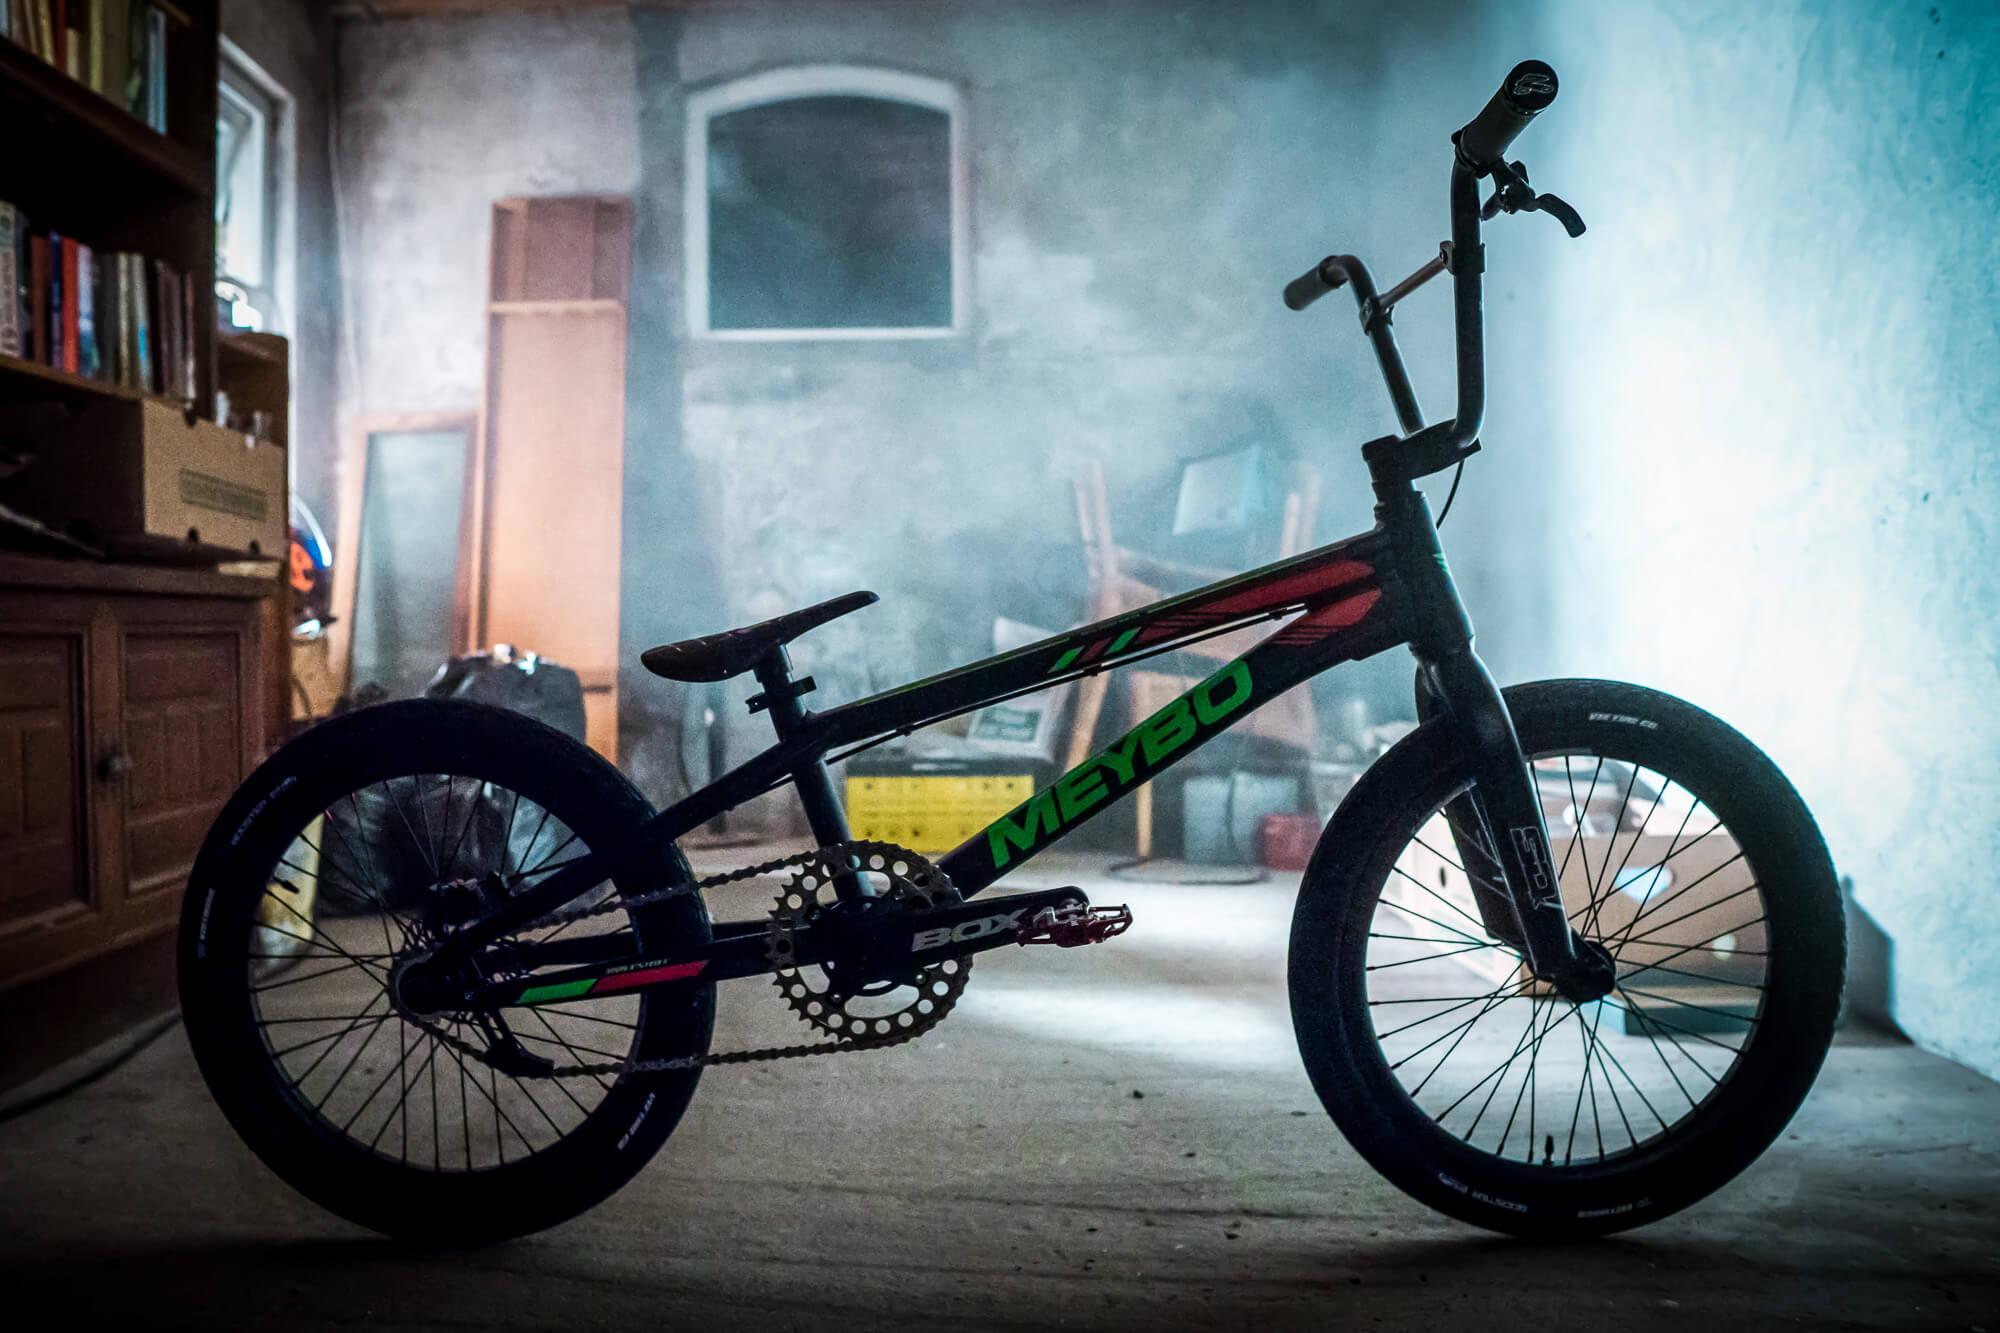 Niels Bensink 2019 Team Oegema TVE custom Meybo - Bike Check